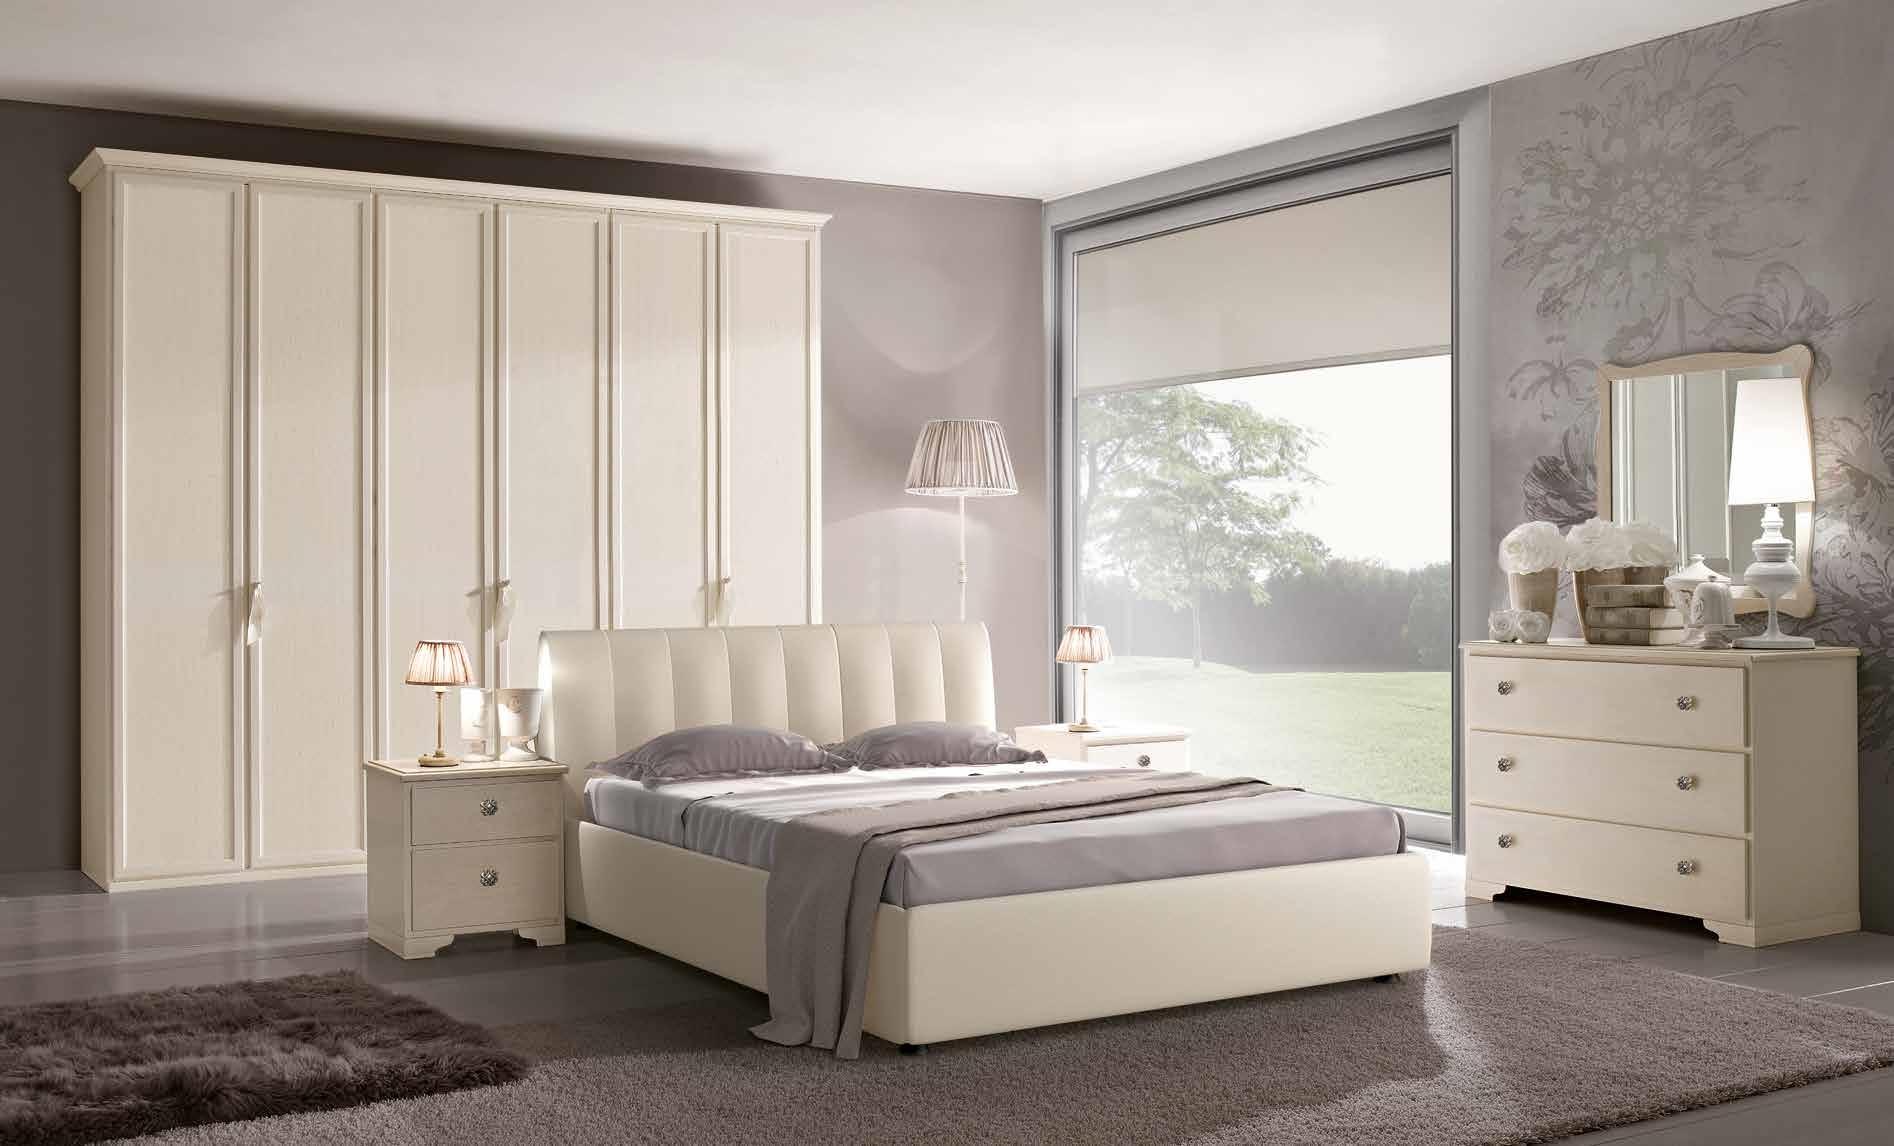 Camera matrimoniale in stile provenzale laccata bianca - Camere da letto tumblr ...